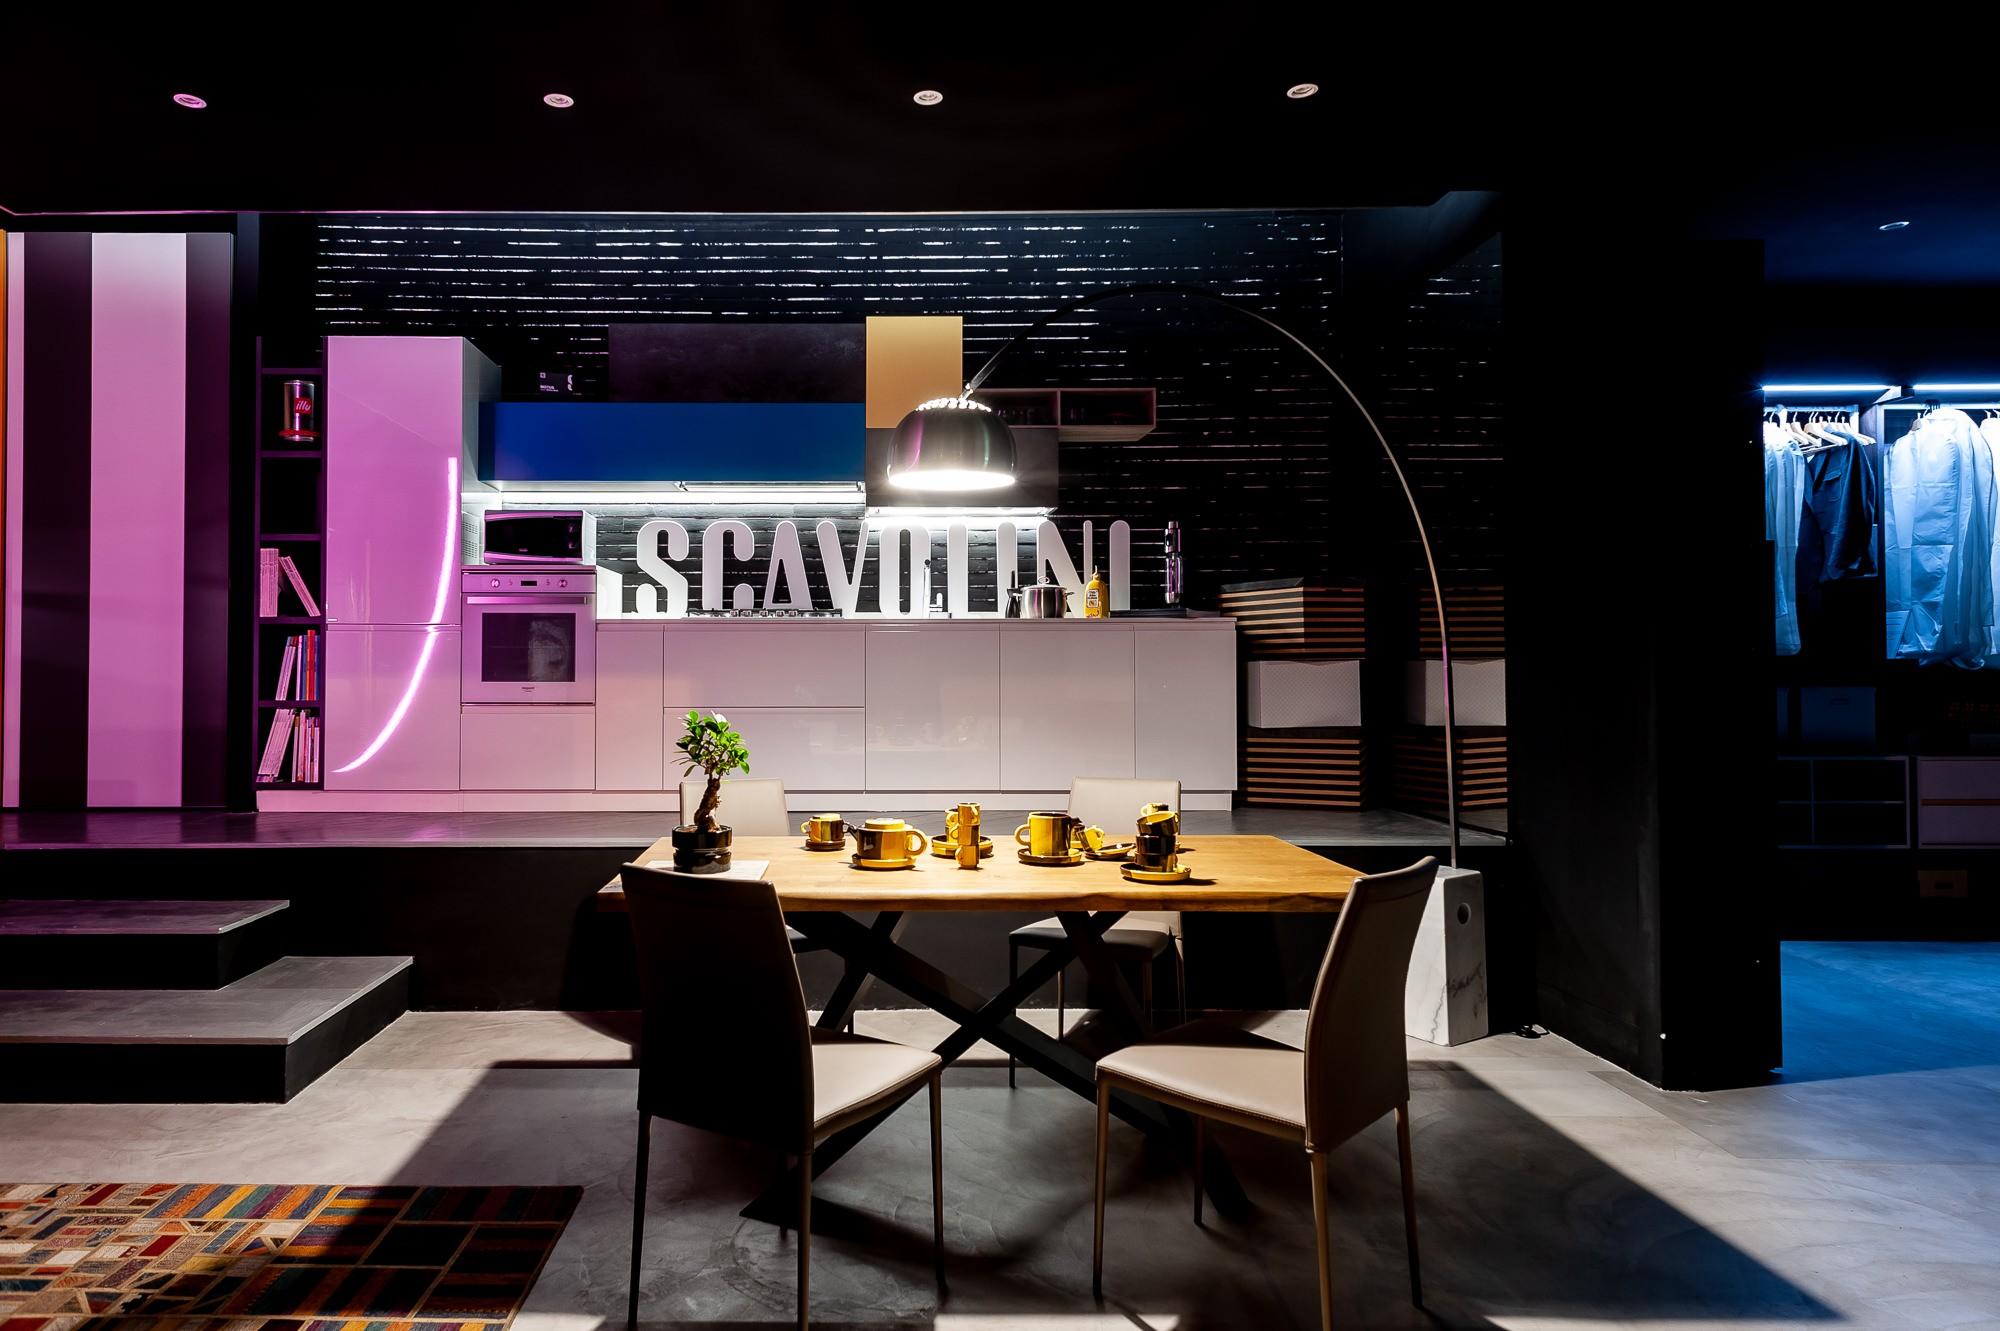 Riprese fotografiche per Mamo Design, Genova, Rivenditore cucine Scavolini - Arredo d'interni 1